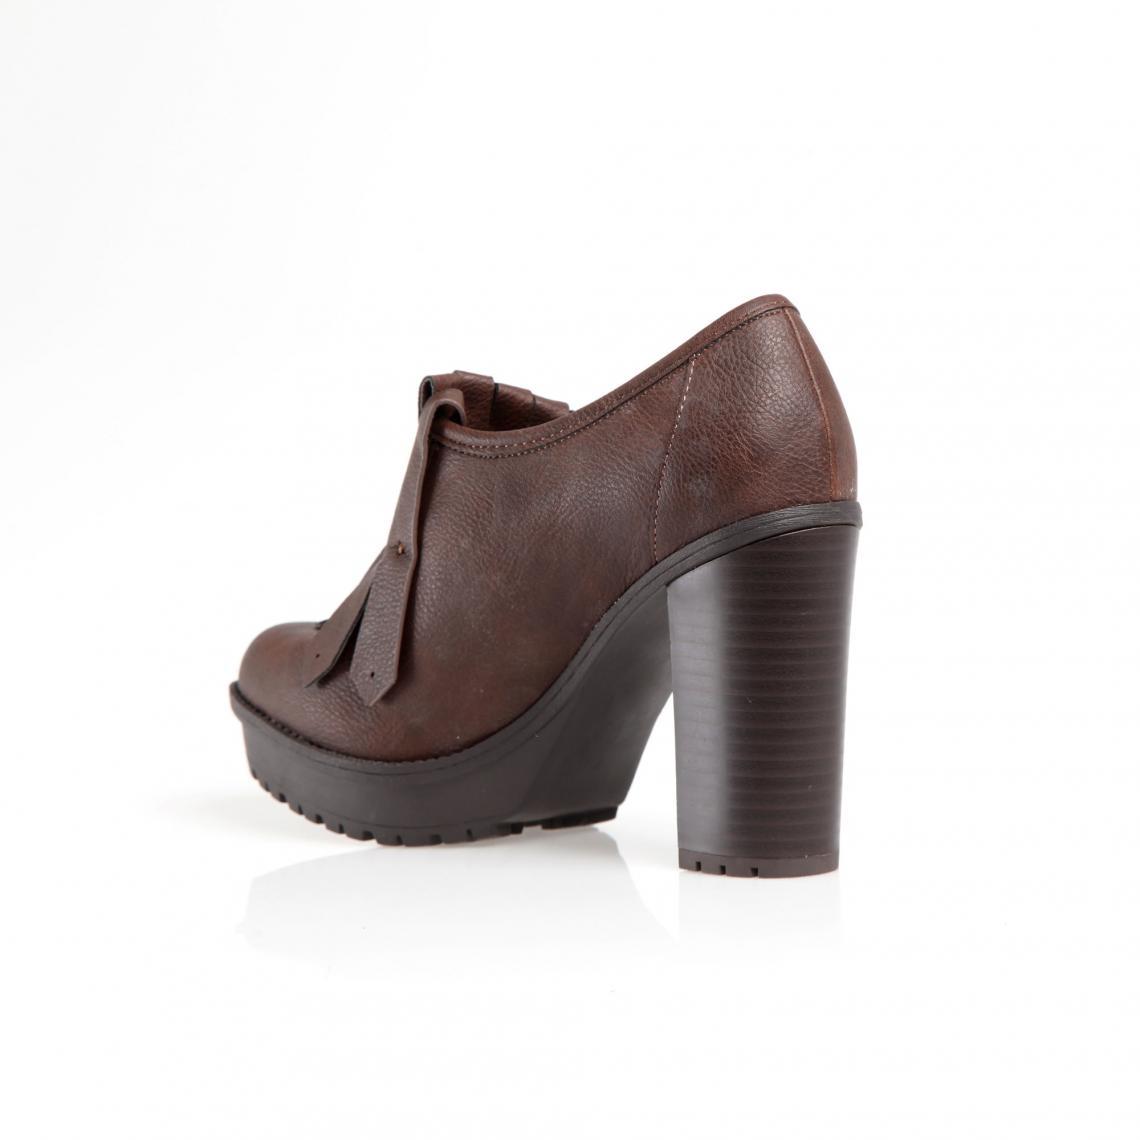 0a415036807 Chaussures à talon franges et pompons femme - Marron 3 SUISSES